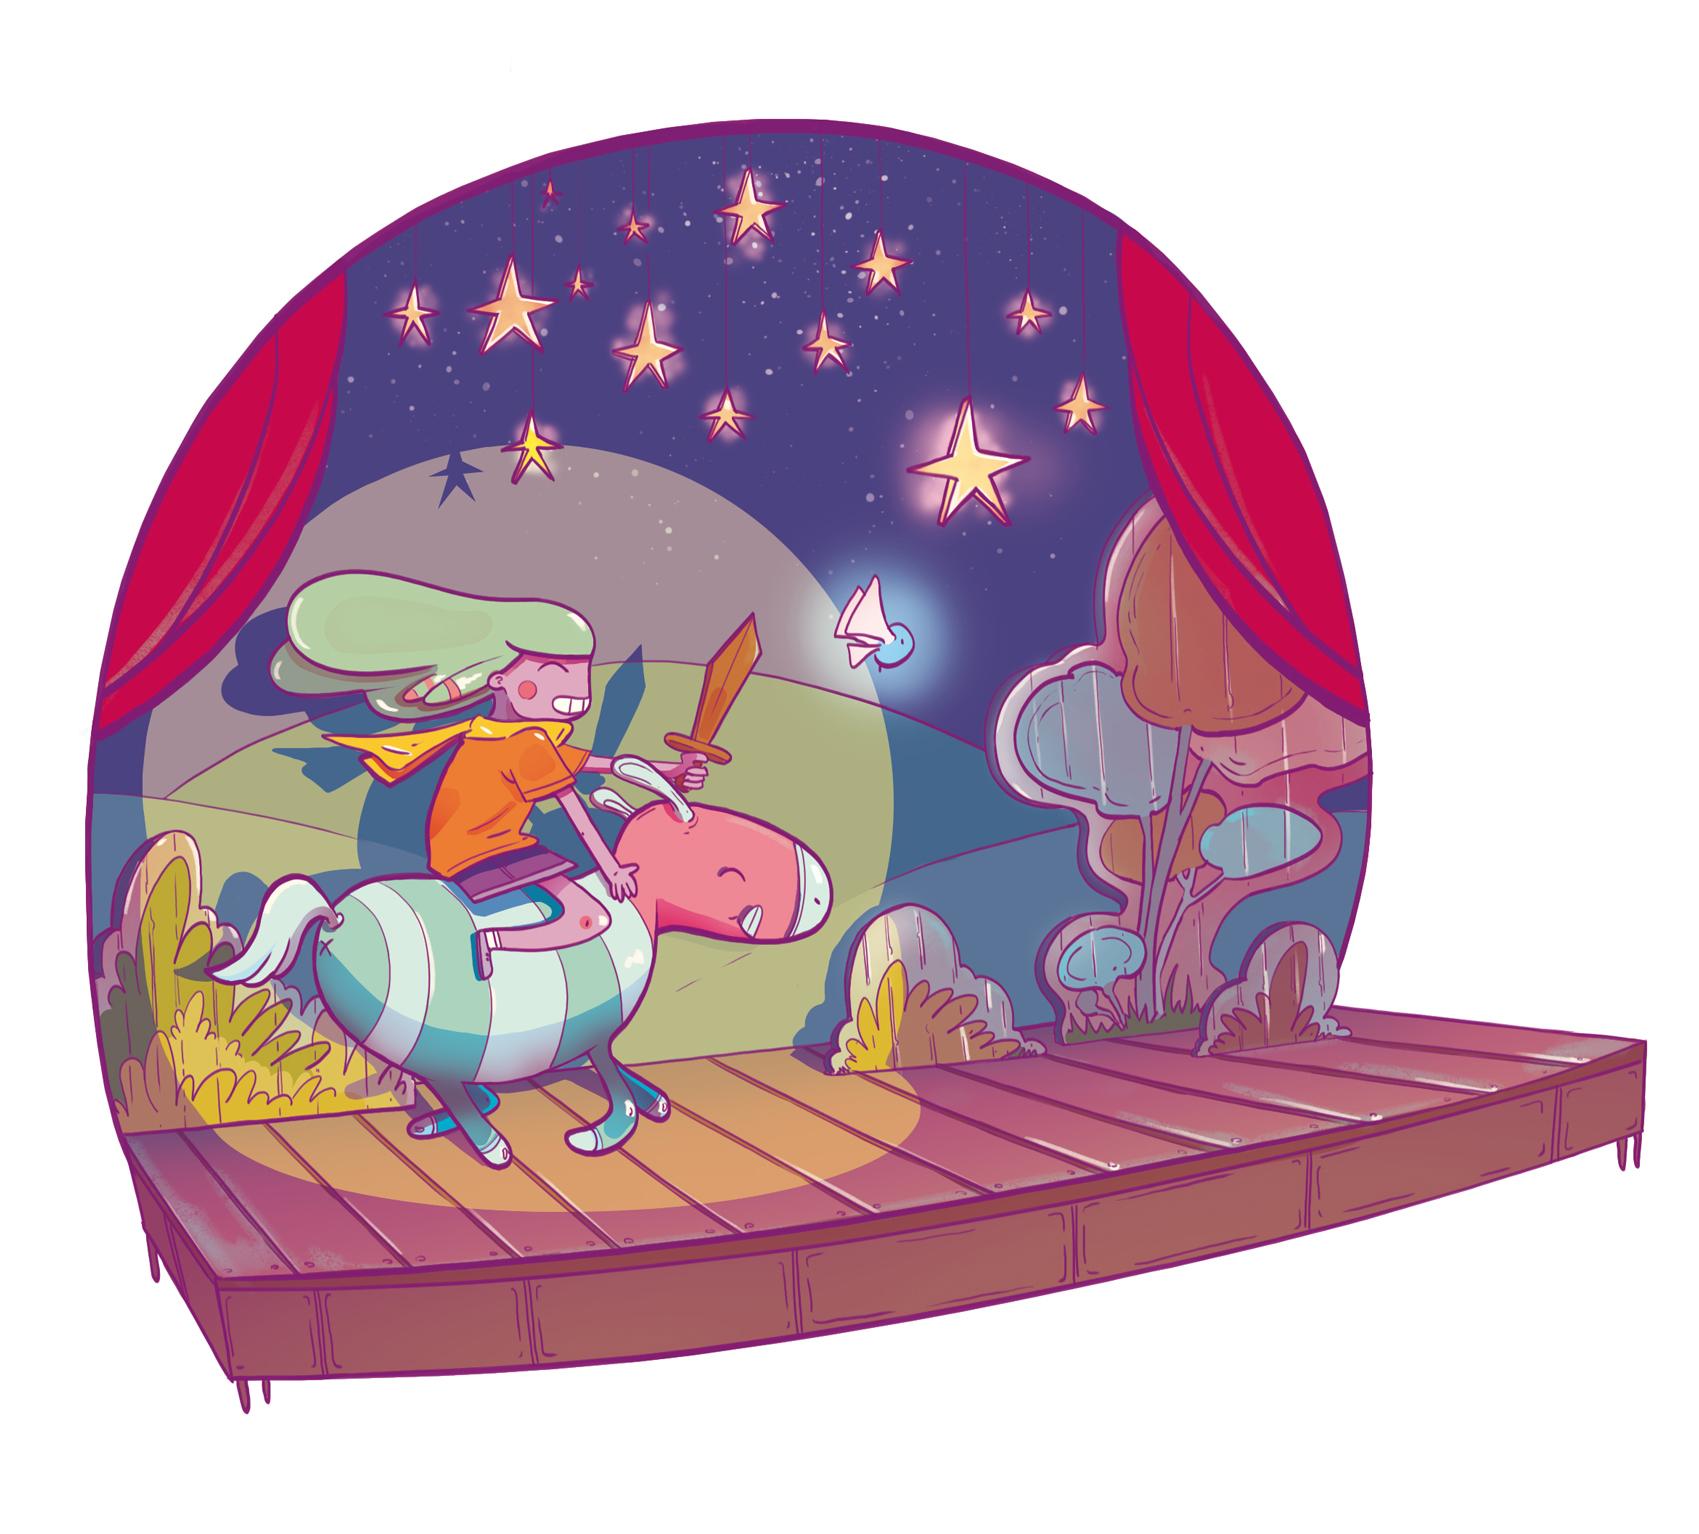 jeux d'enfant - Illustration - Romain Laforet